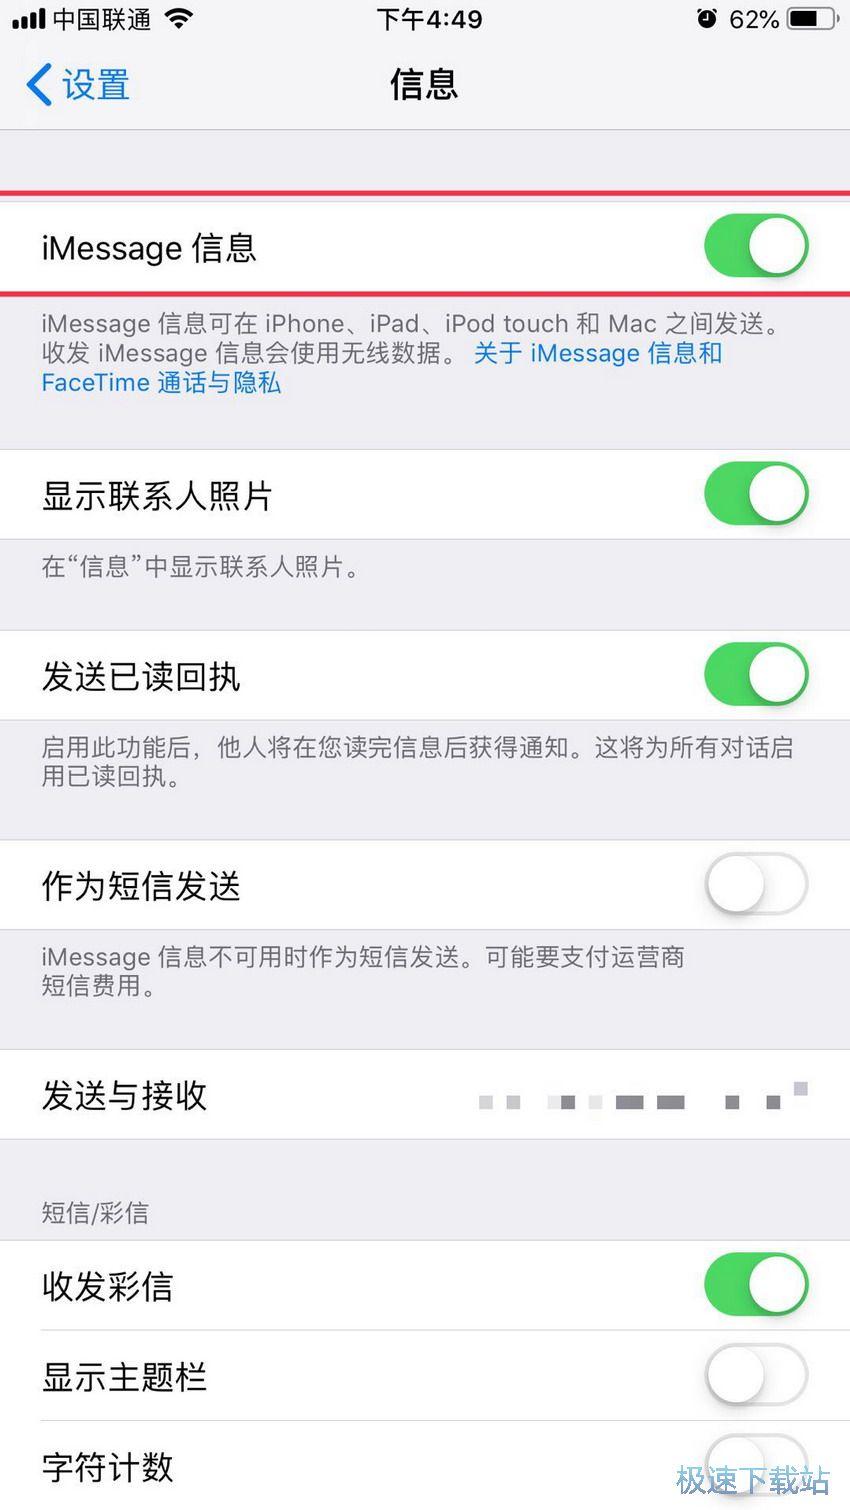 图:发送特效短信